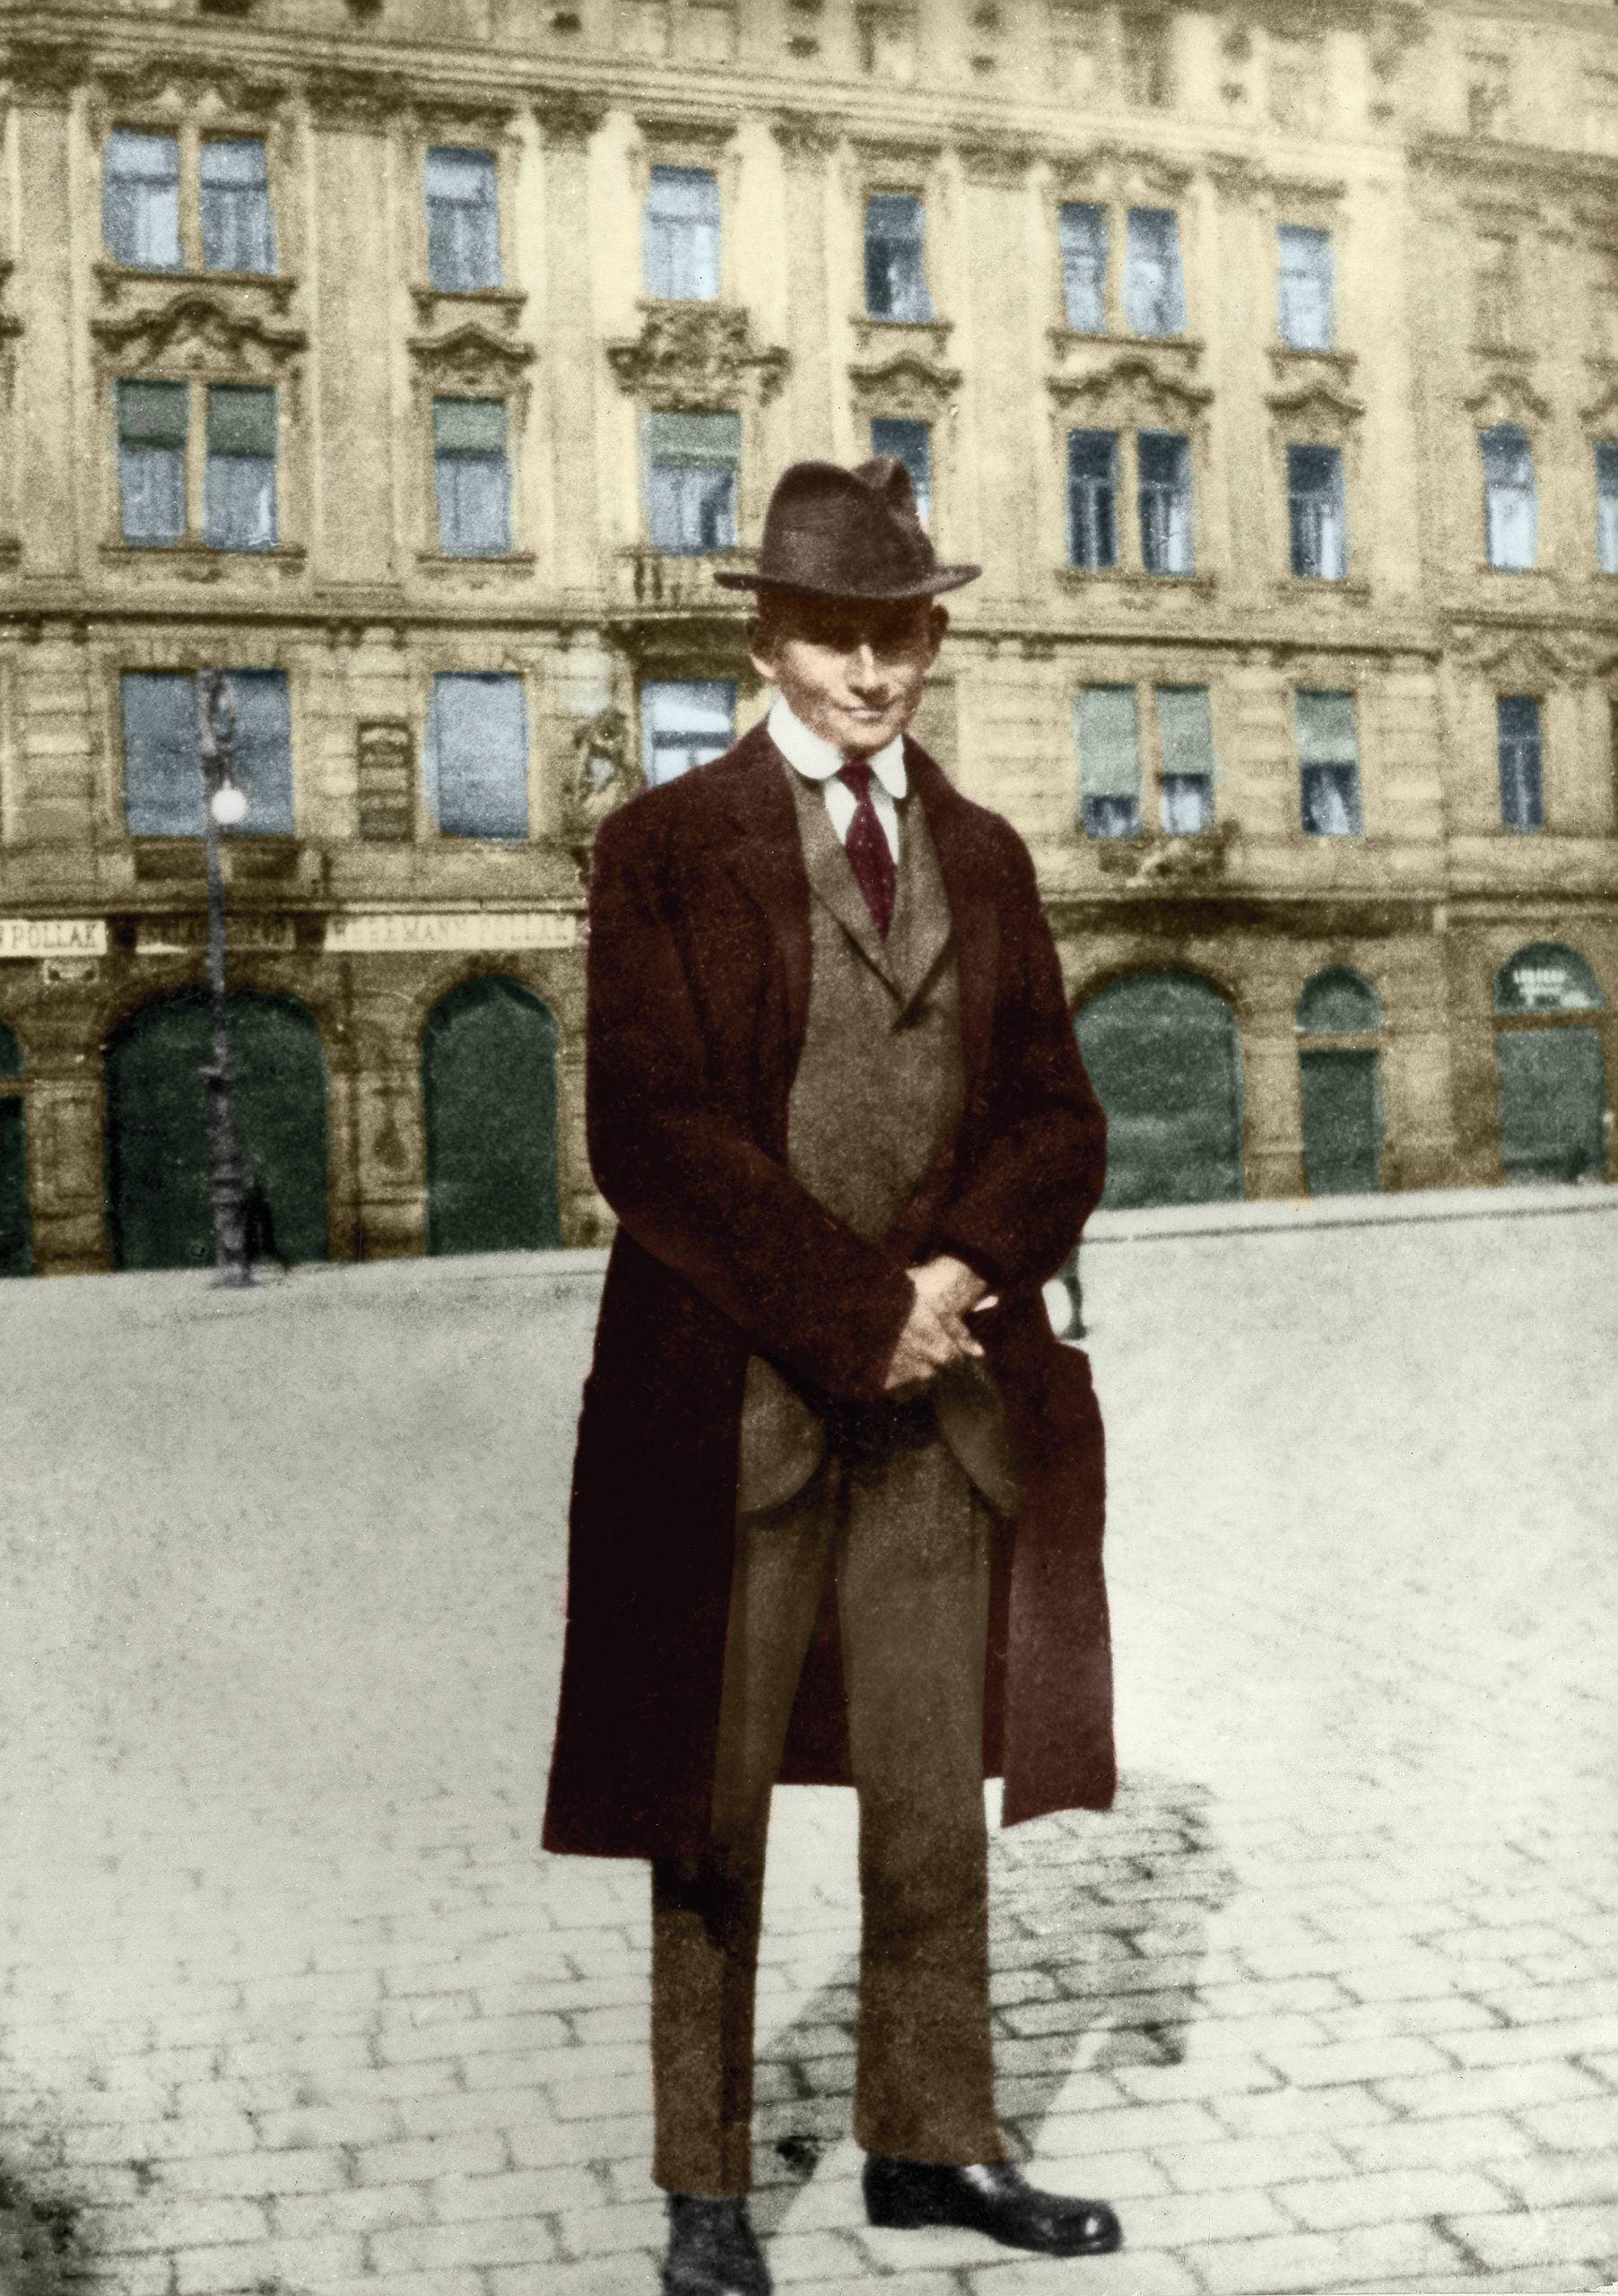 Locking down with Kafka